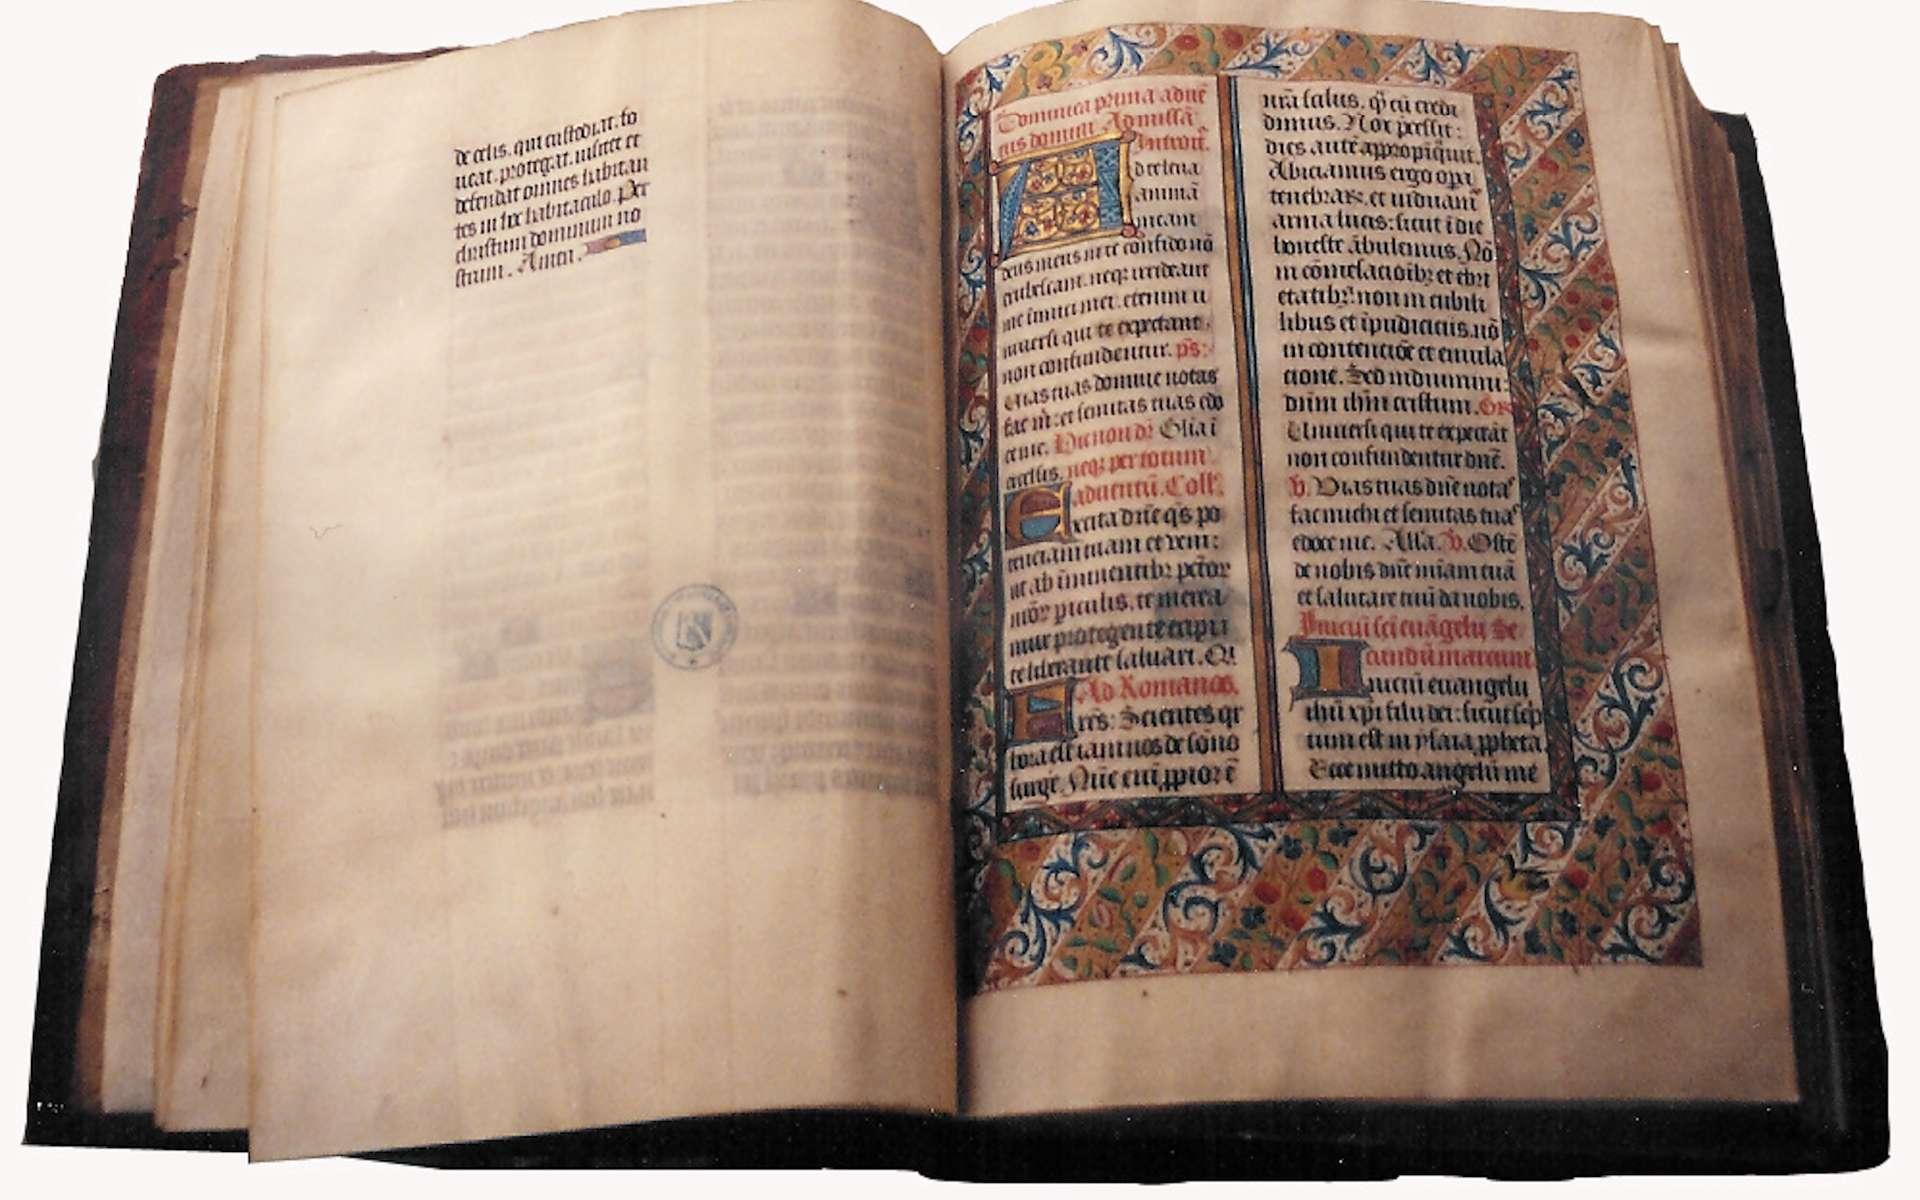 Les manuscrits au Moyen Âge étaient essentiellement rédigés par des moines copistes. © Frédéric Brice, Wikimedia Commons, CC by-sa 3.0